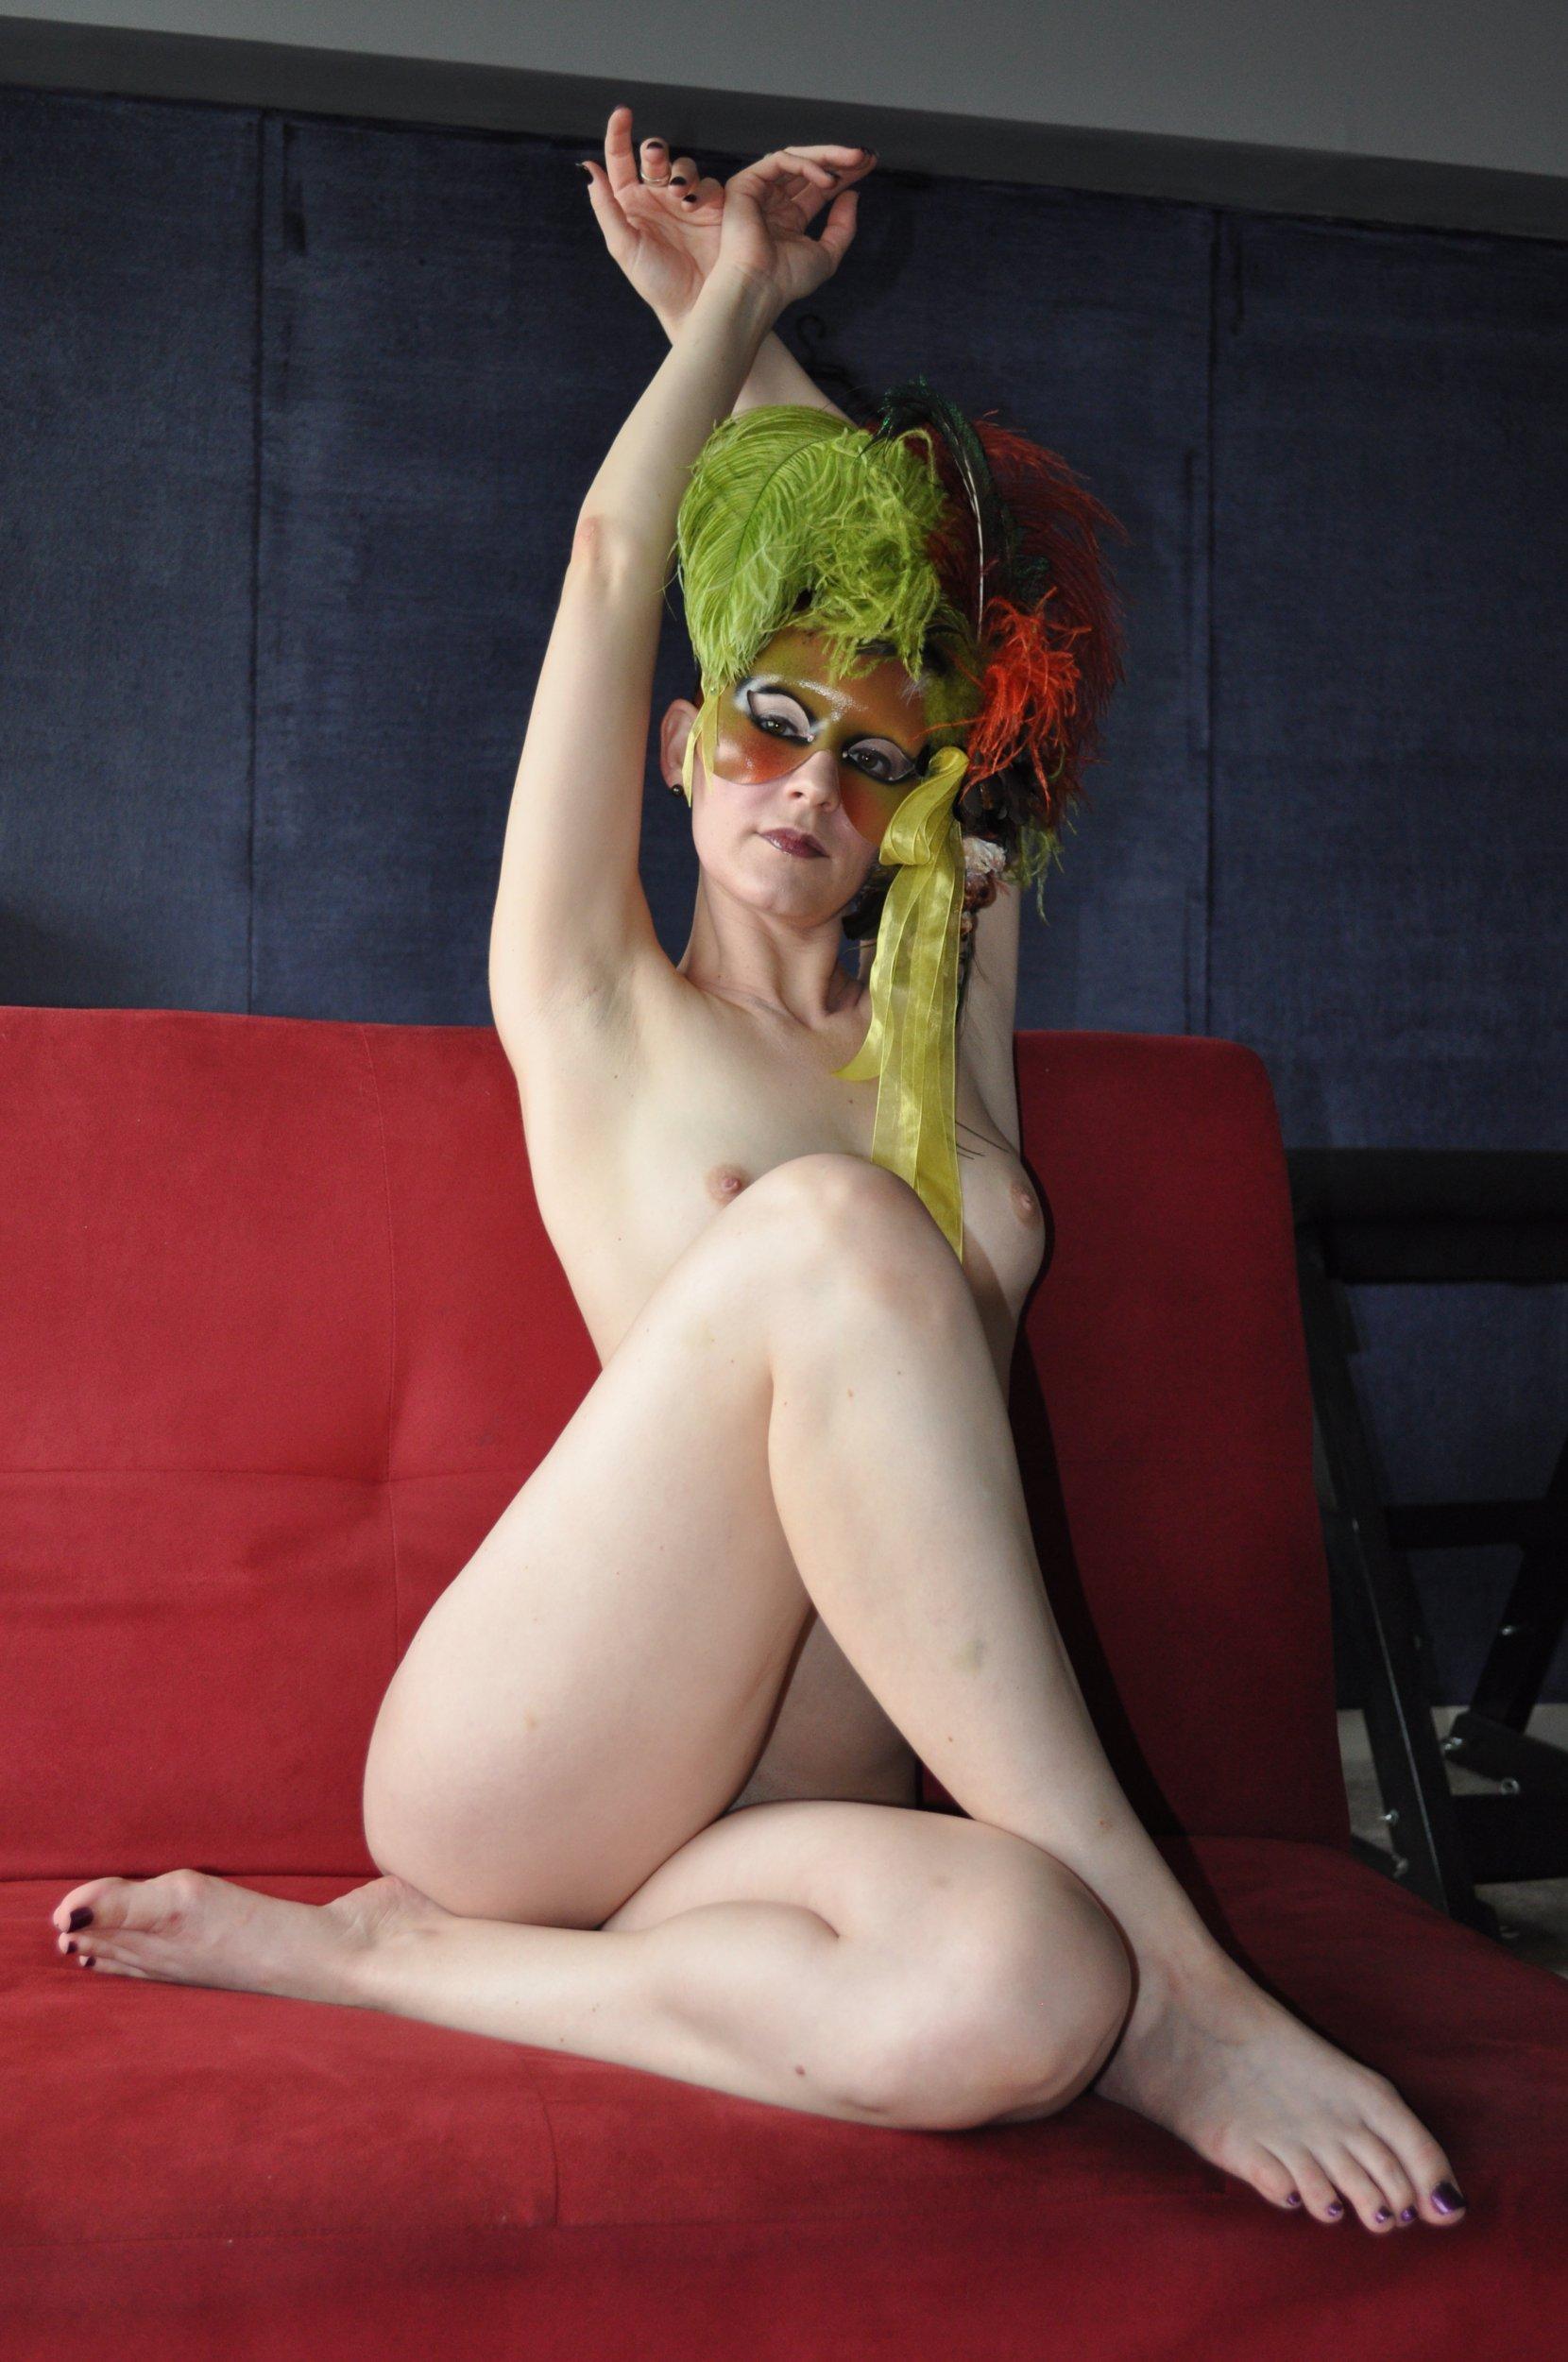 Ana Cabrera Nude bella nude - dem wolfe - celeste prize 2010 - artwork